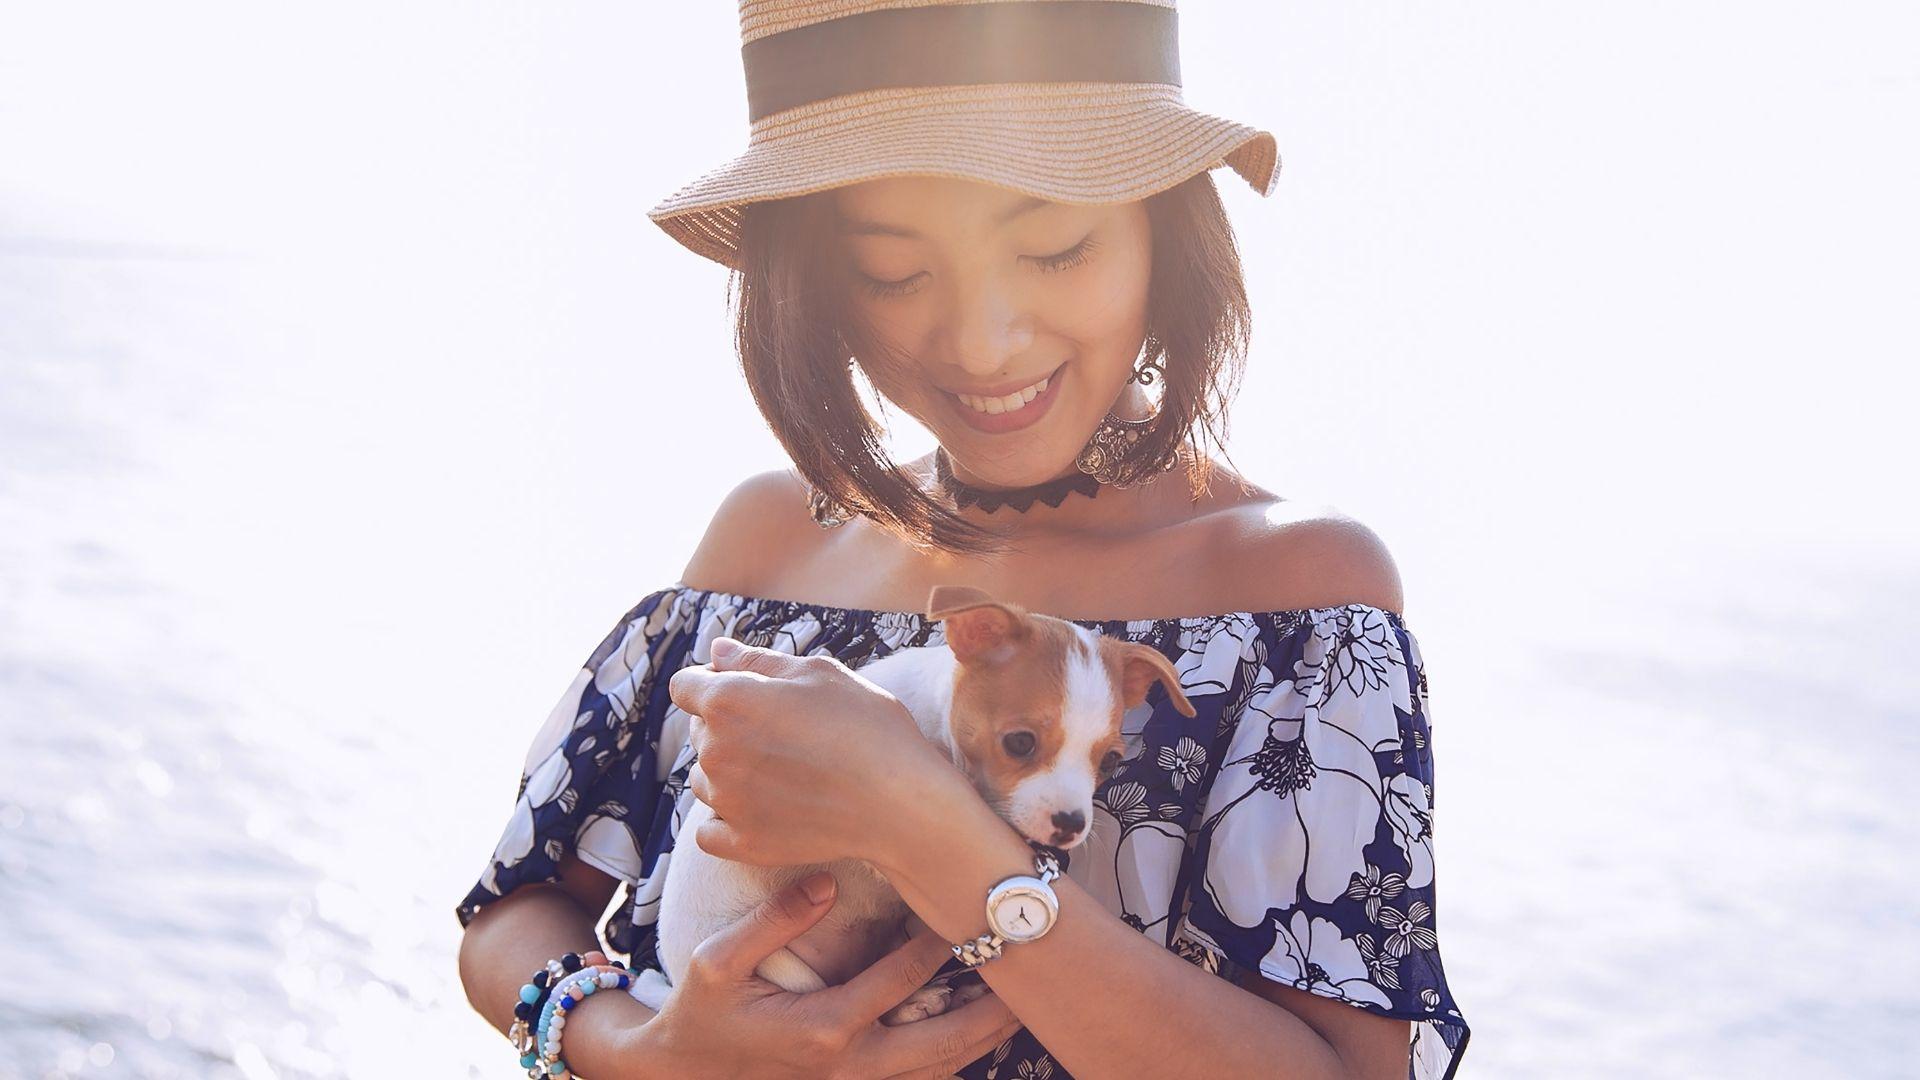 Maquillaje cruelty-free mejores marcas que NO testan en animales